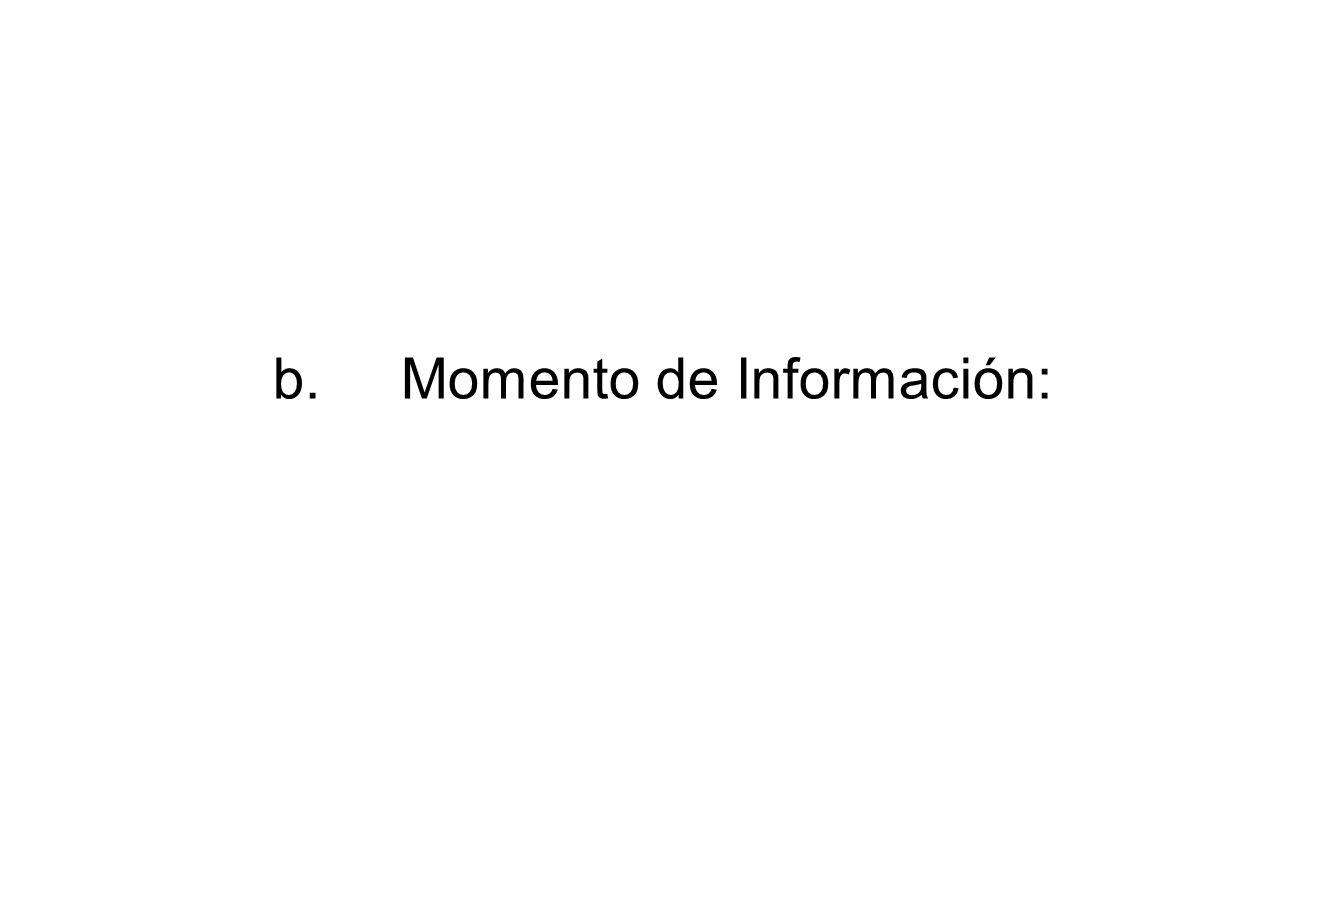 b. Momento de Información: